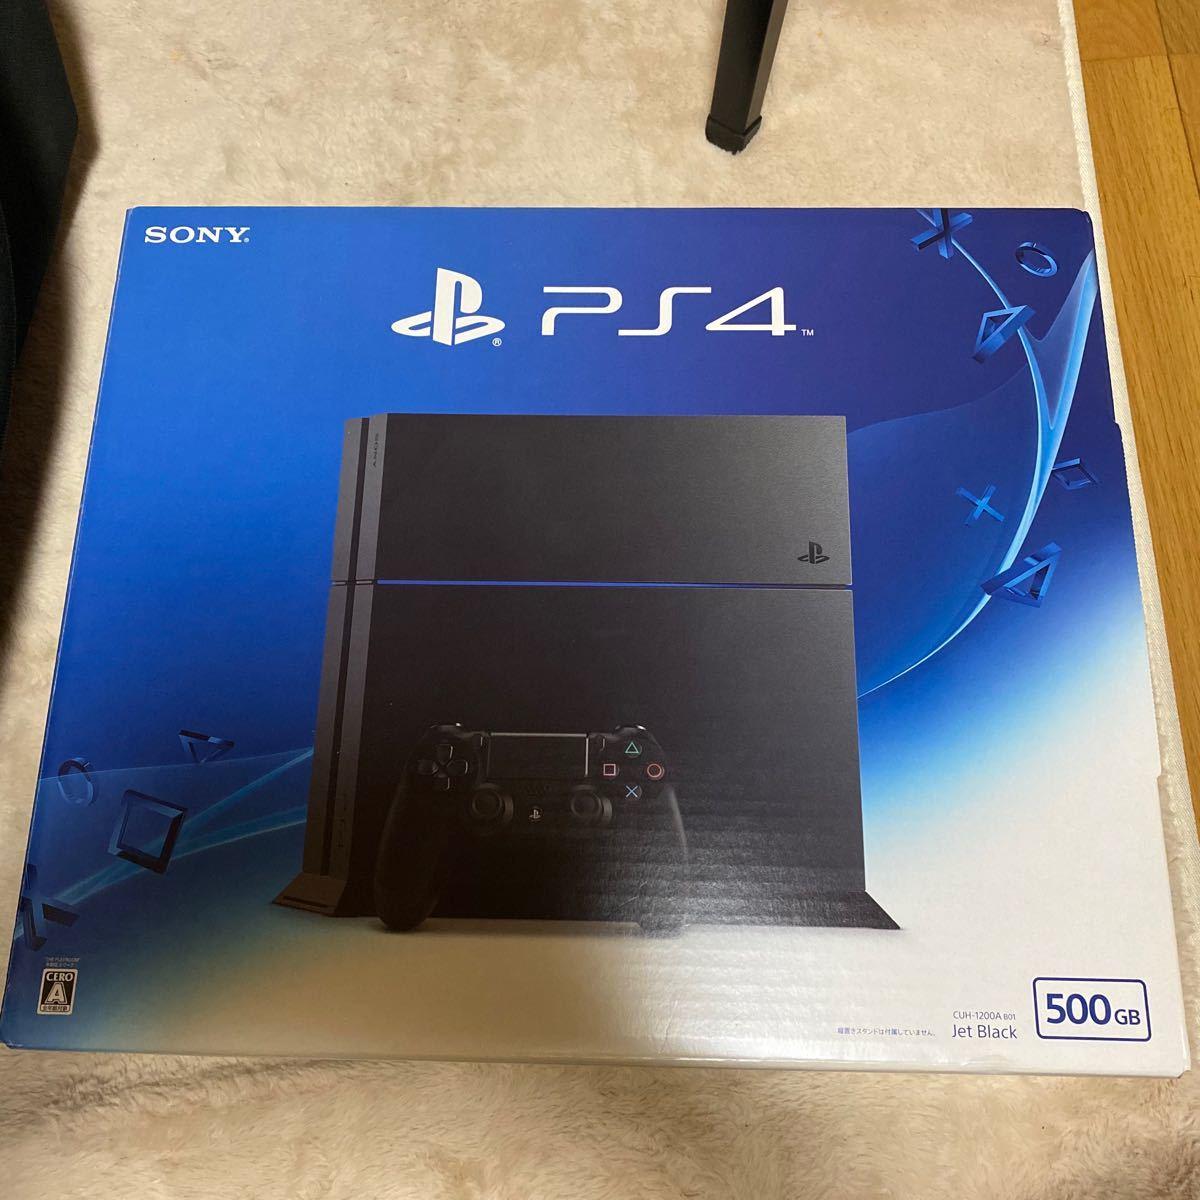 PlayStation4 ジェット・ブラック SSD500GB CUH-1200AB01